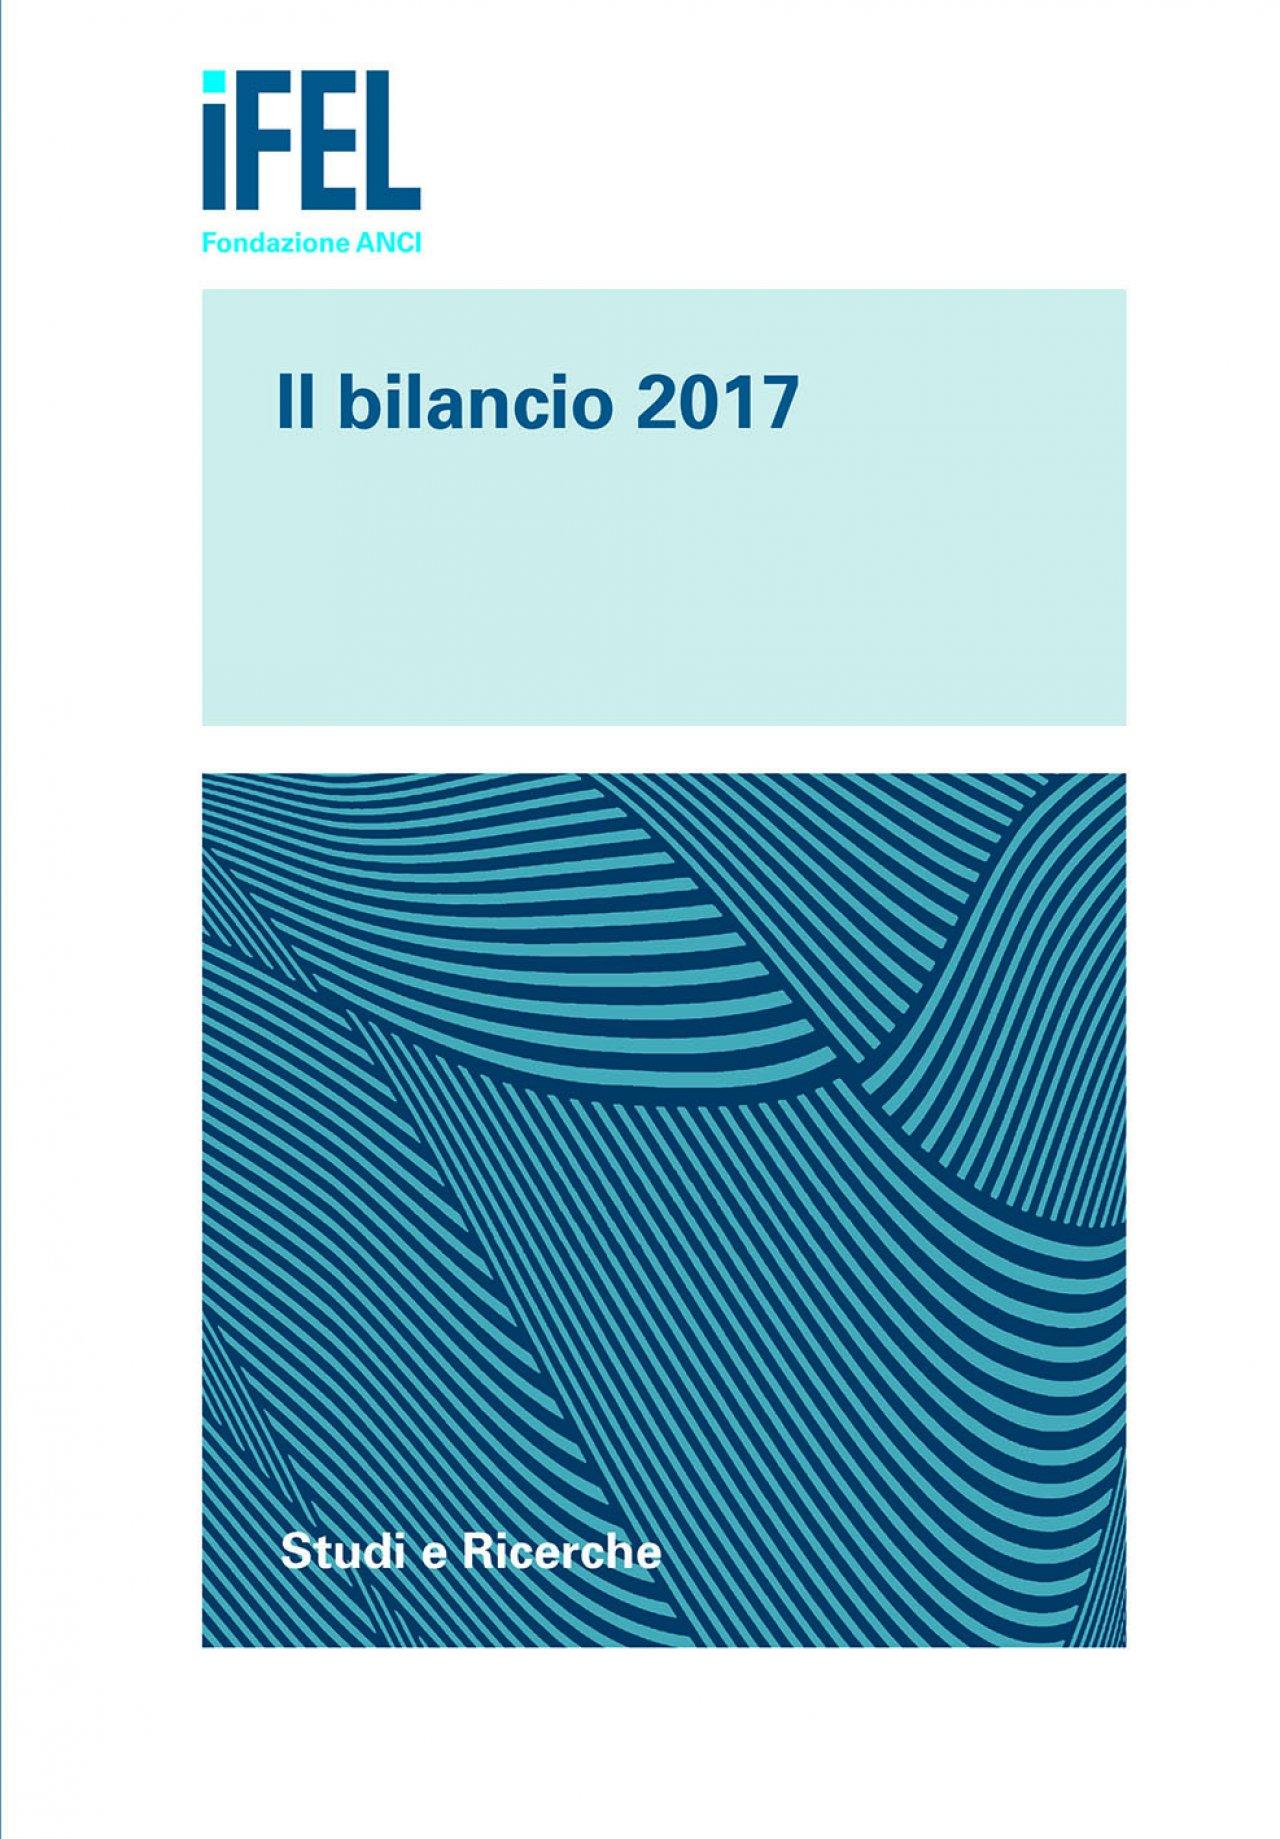 Il Bilancio 2017